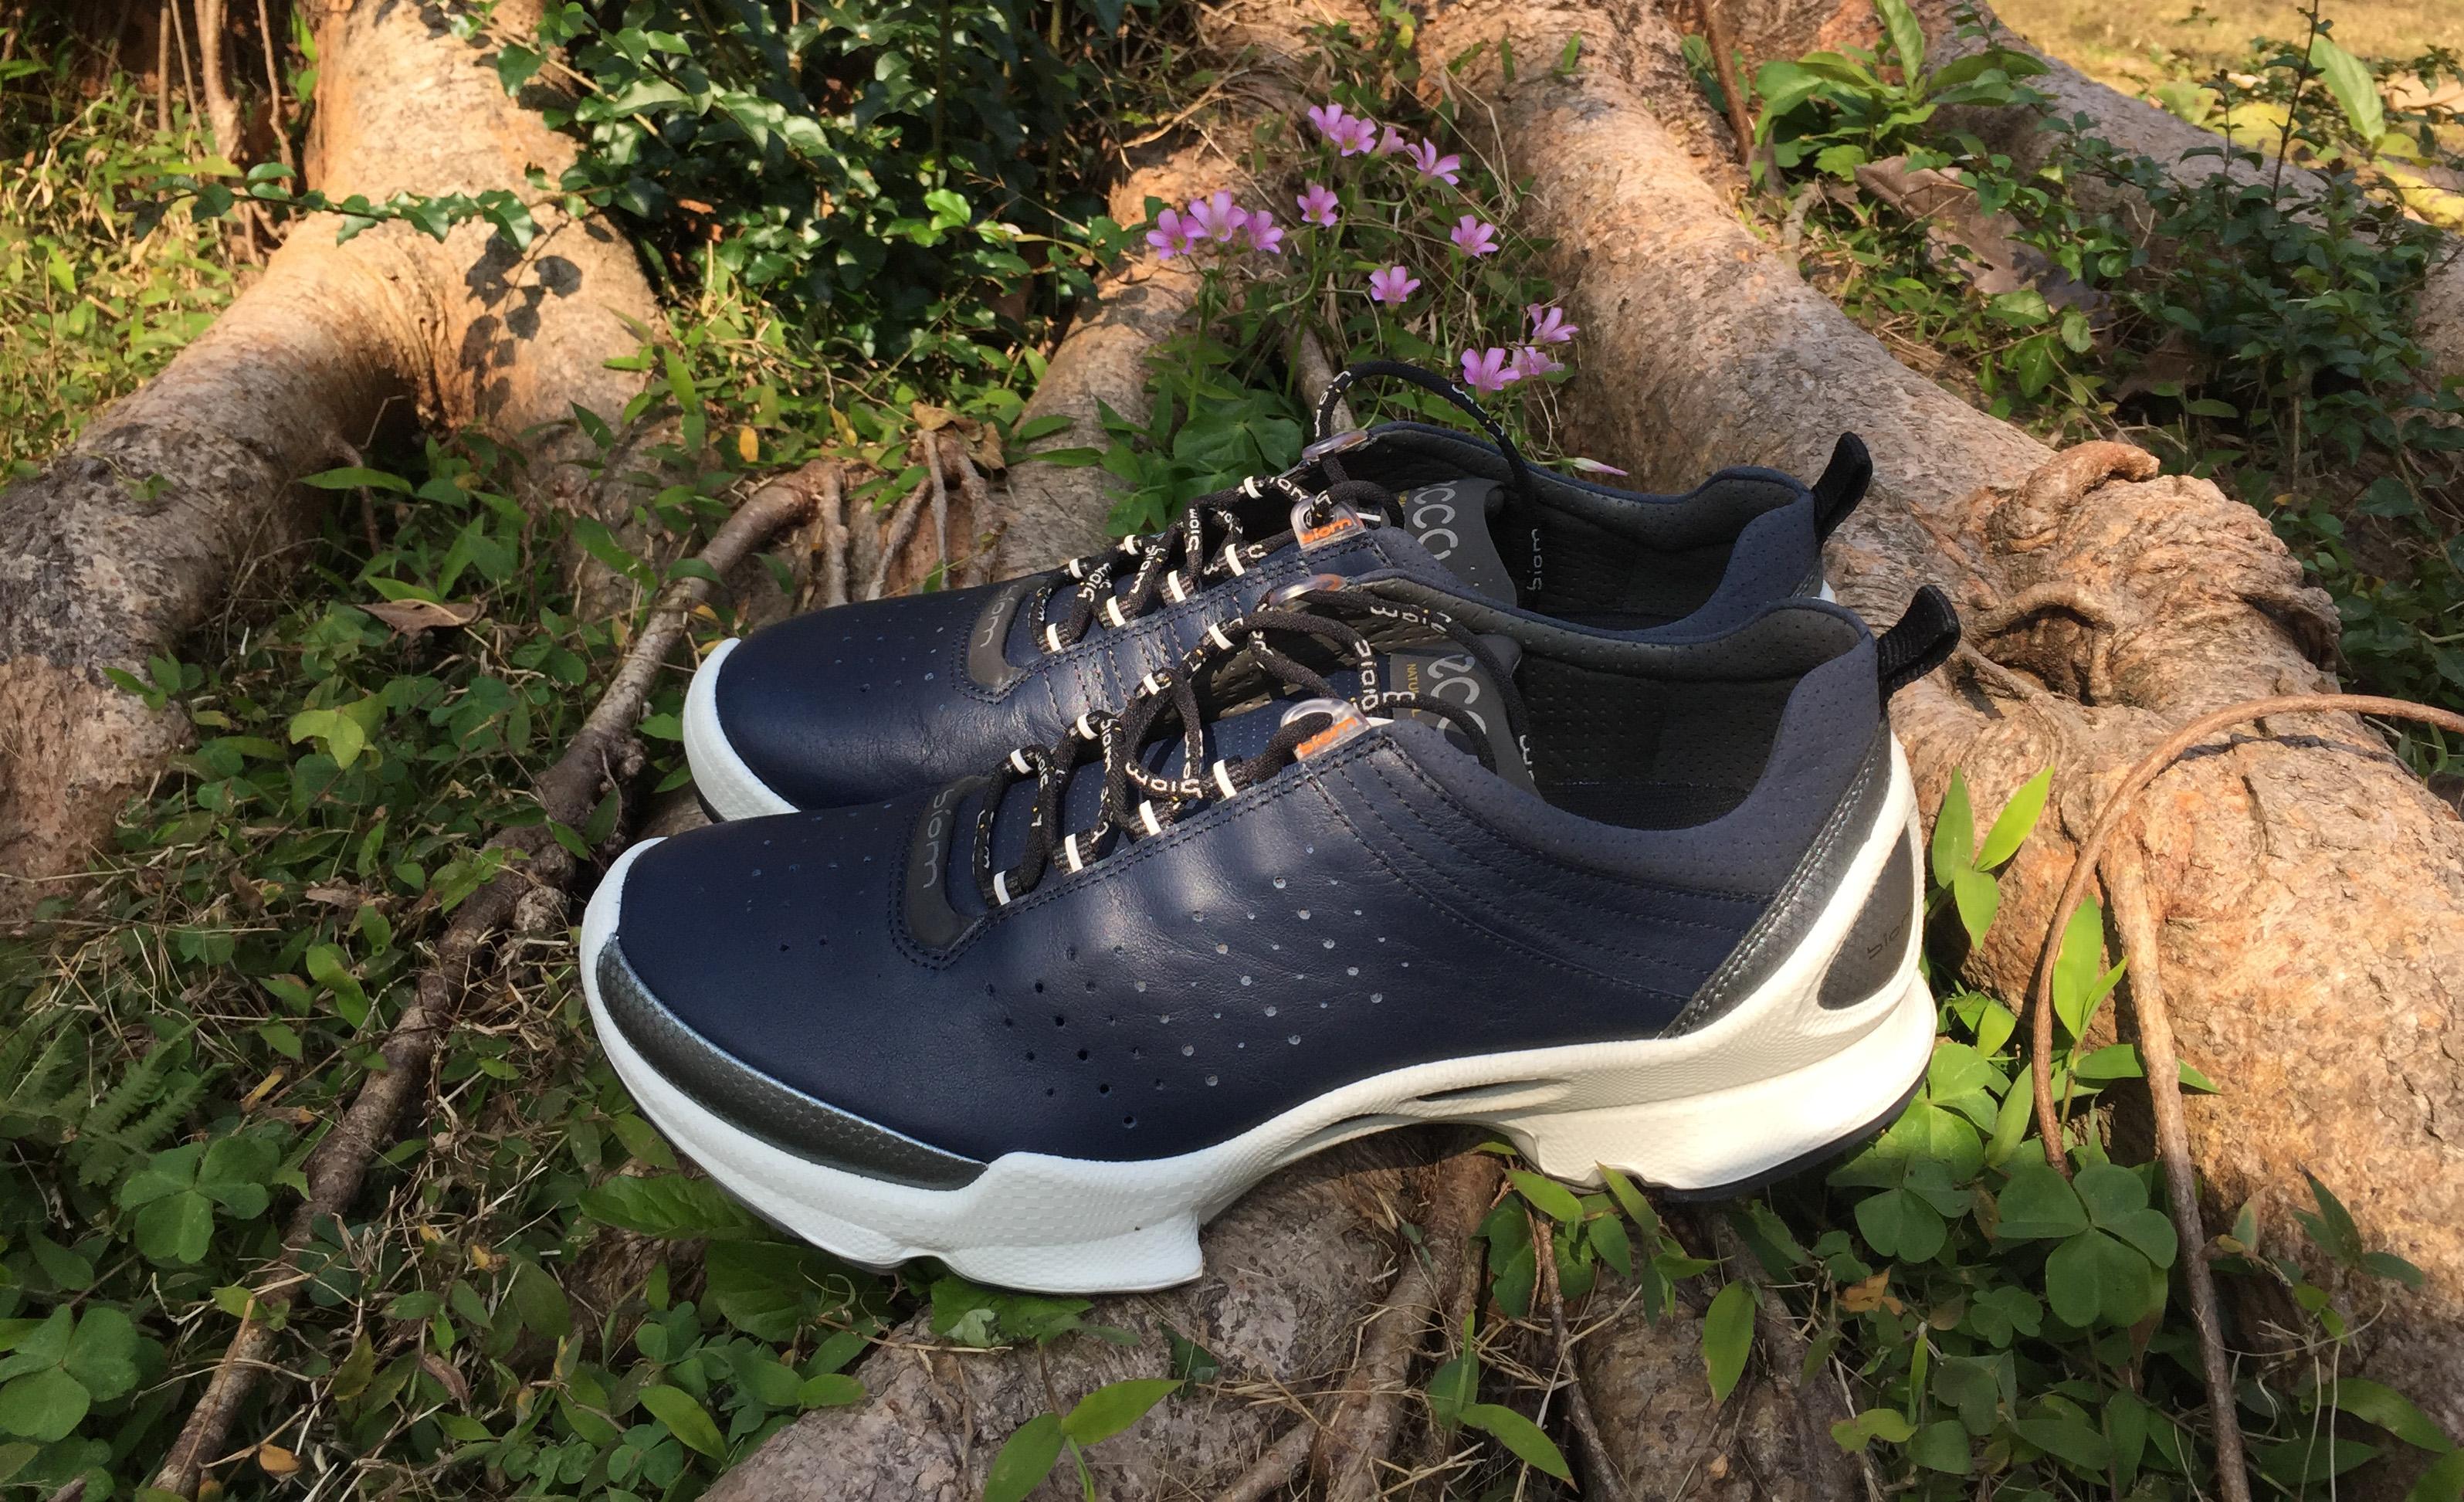 在生活中履行——ECCO BIOM C健步C牦牛皮健步鞋使用报告